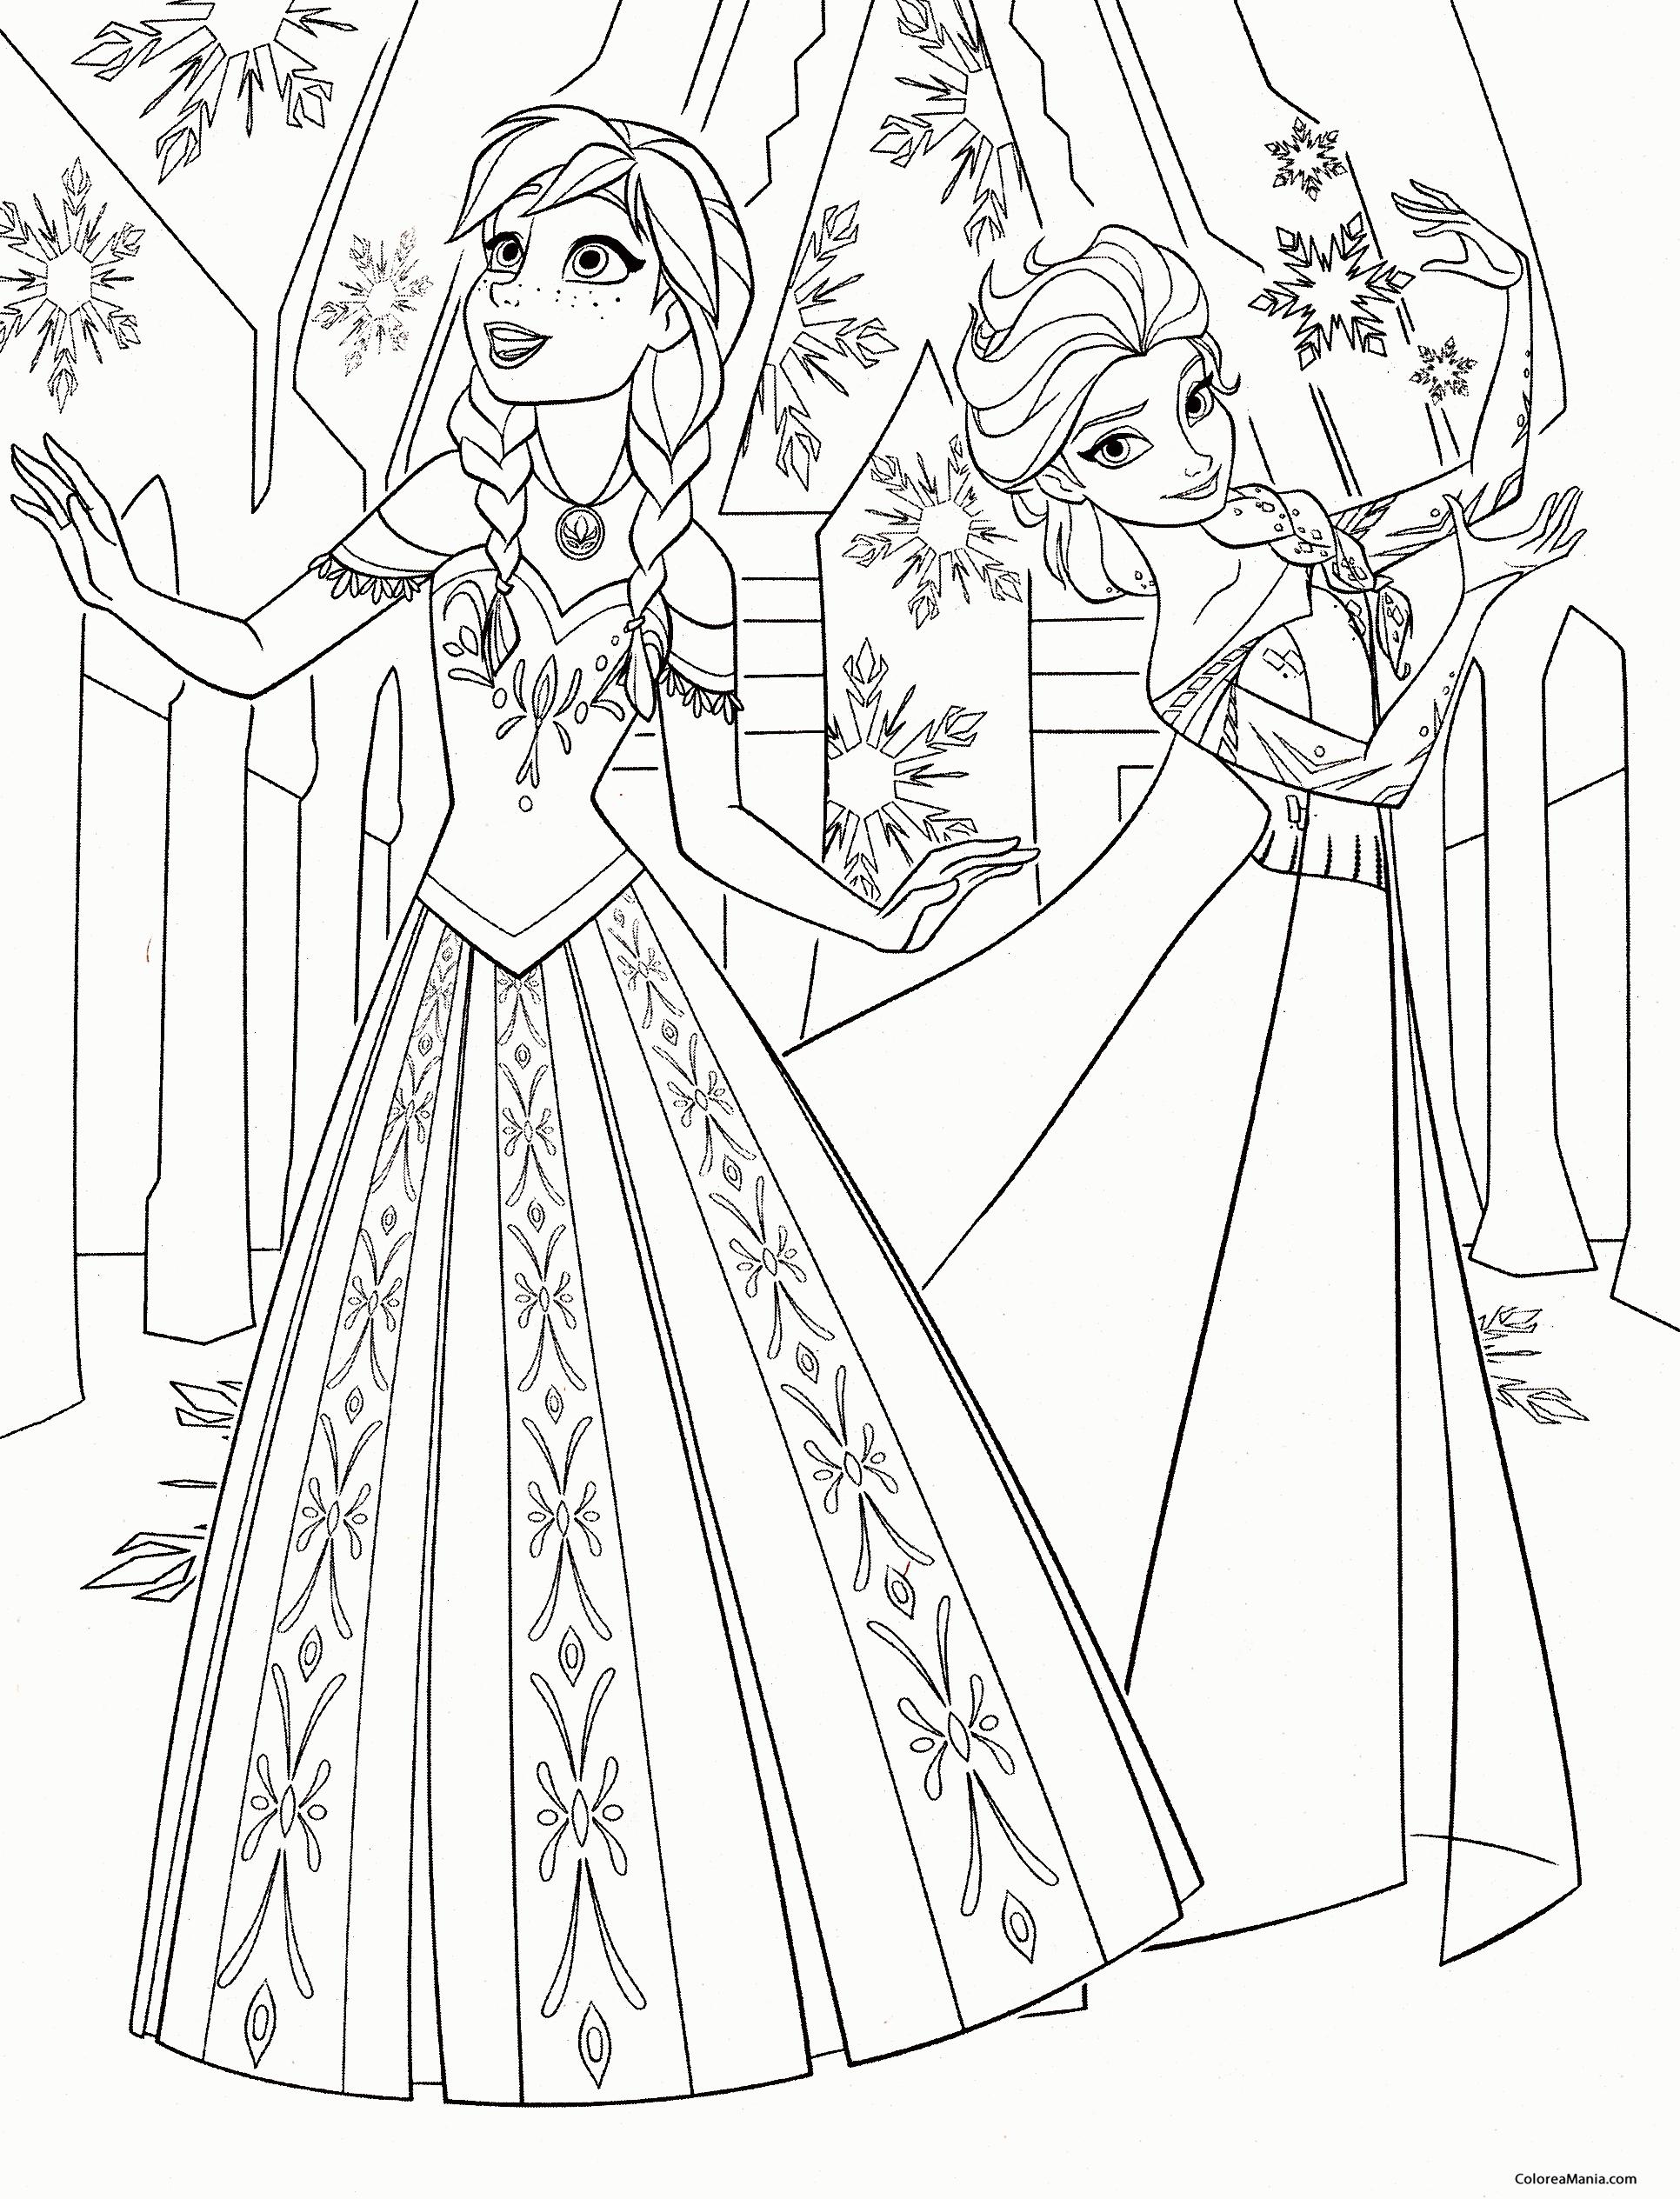 Colorear Anna Y Elsa Bailando Frozen Dibujo Para Colorear Gratis